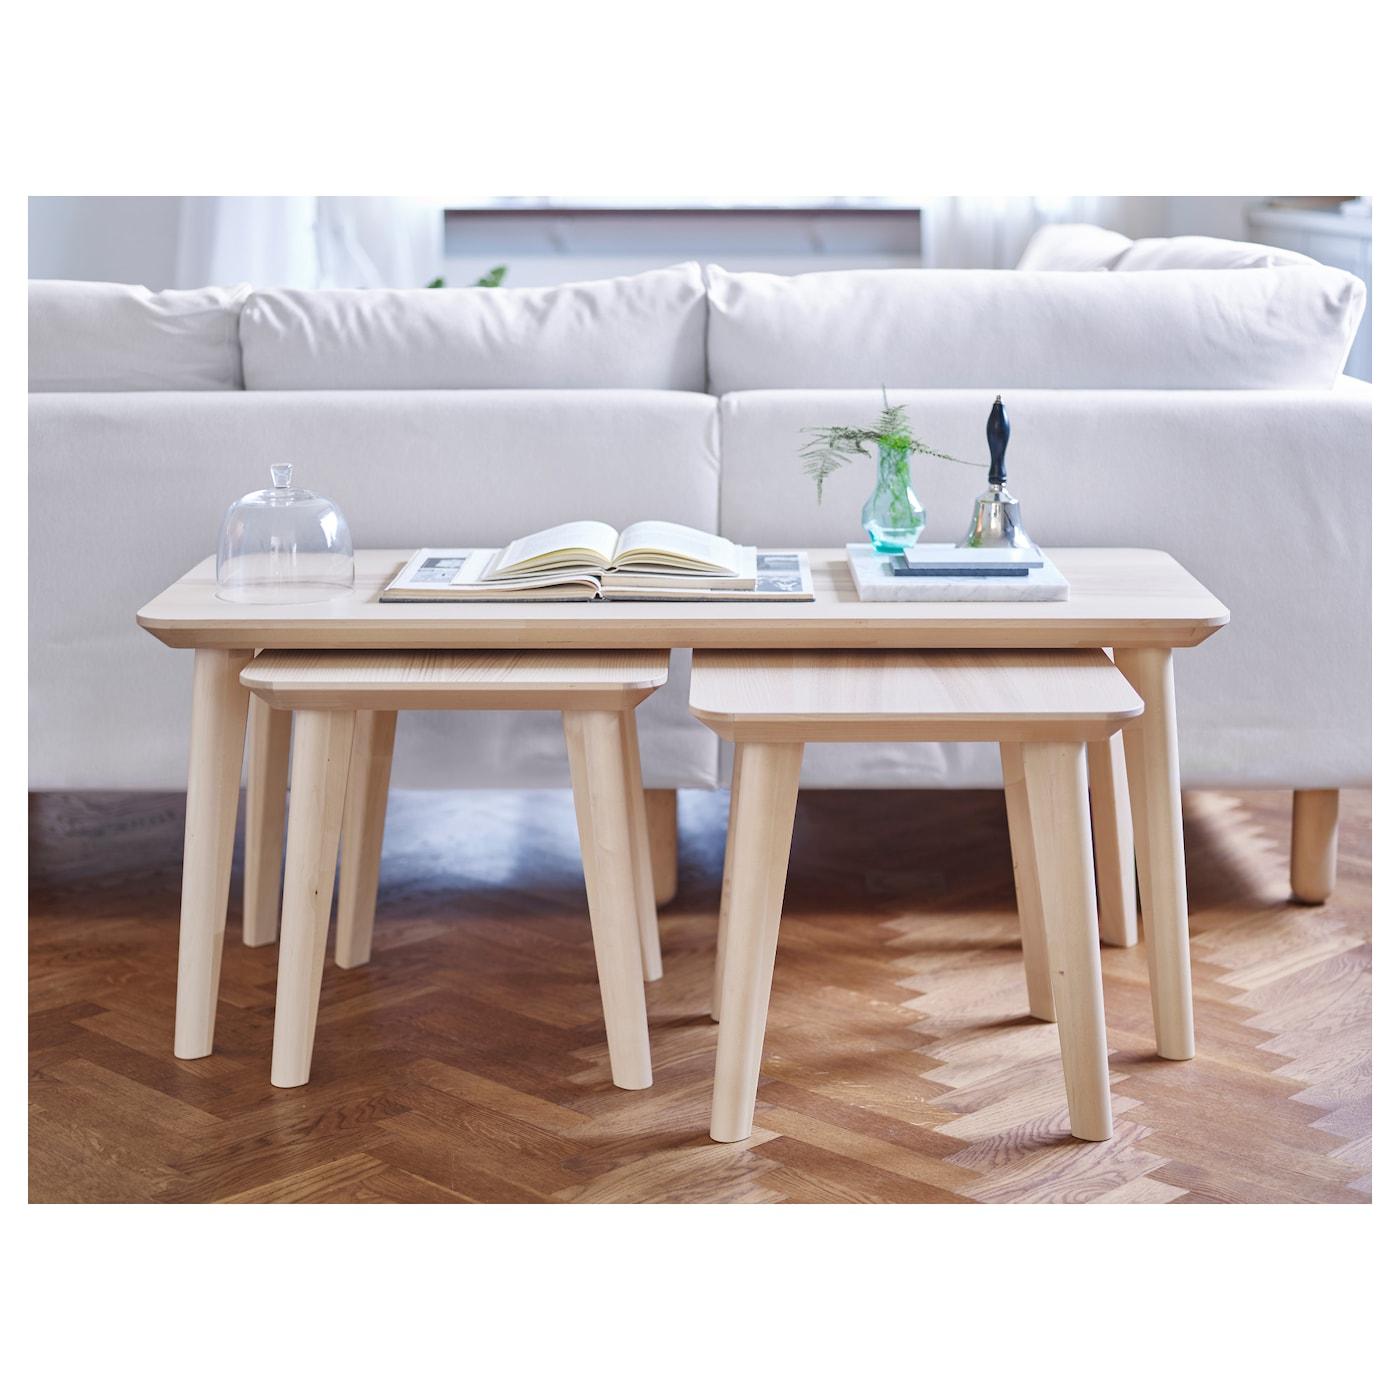 lisabo table d 39 appoint plaqu fr ne 45x45 cm ikea. Black Bedroom Furniture Sets. Home Design Ideas